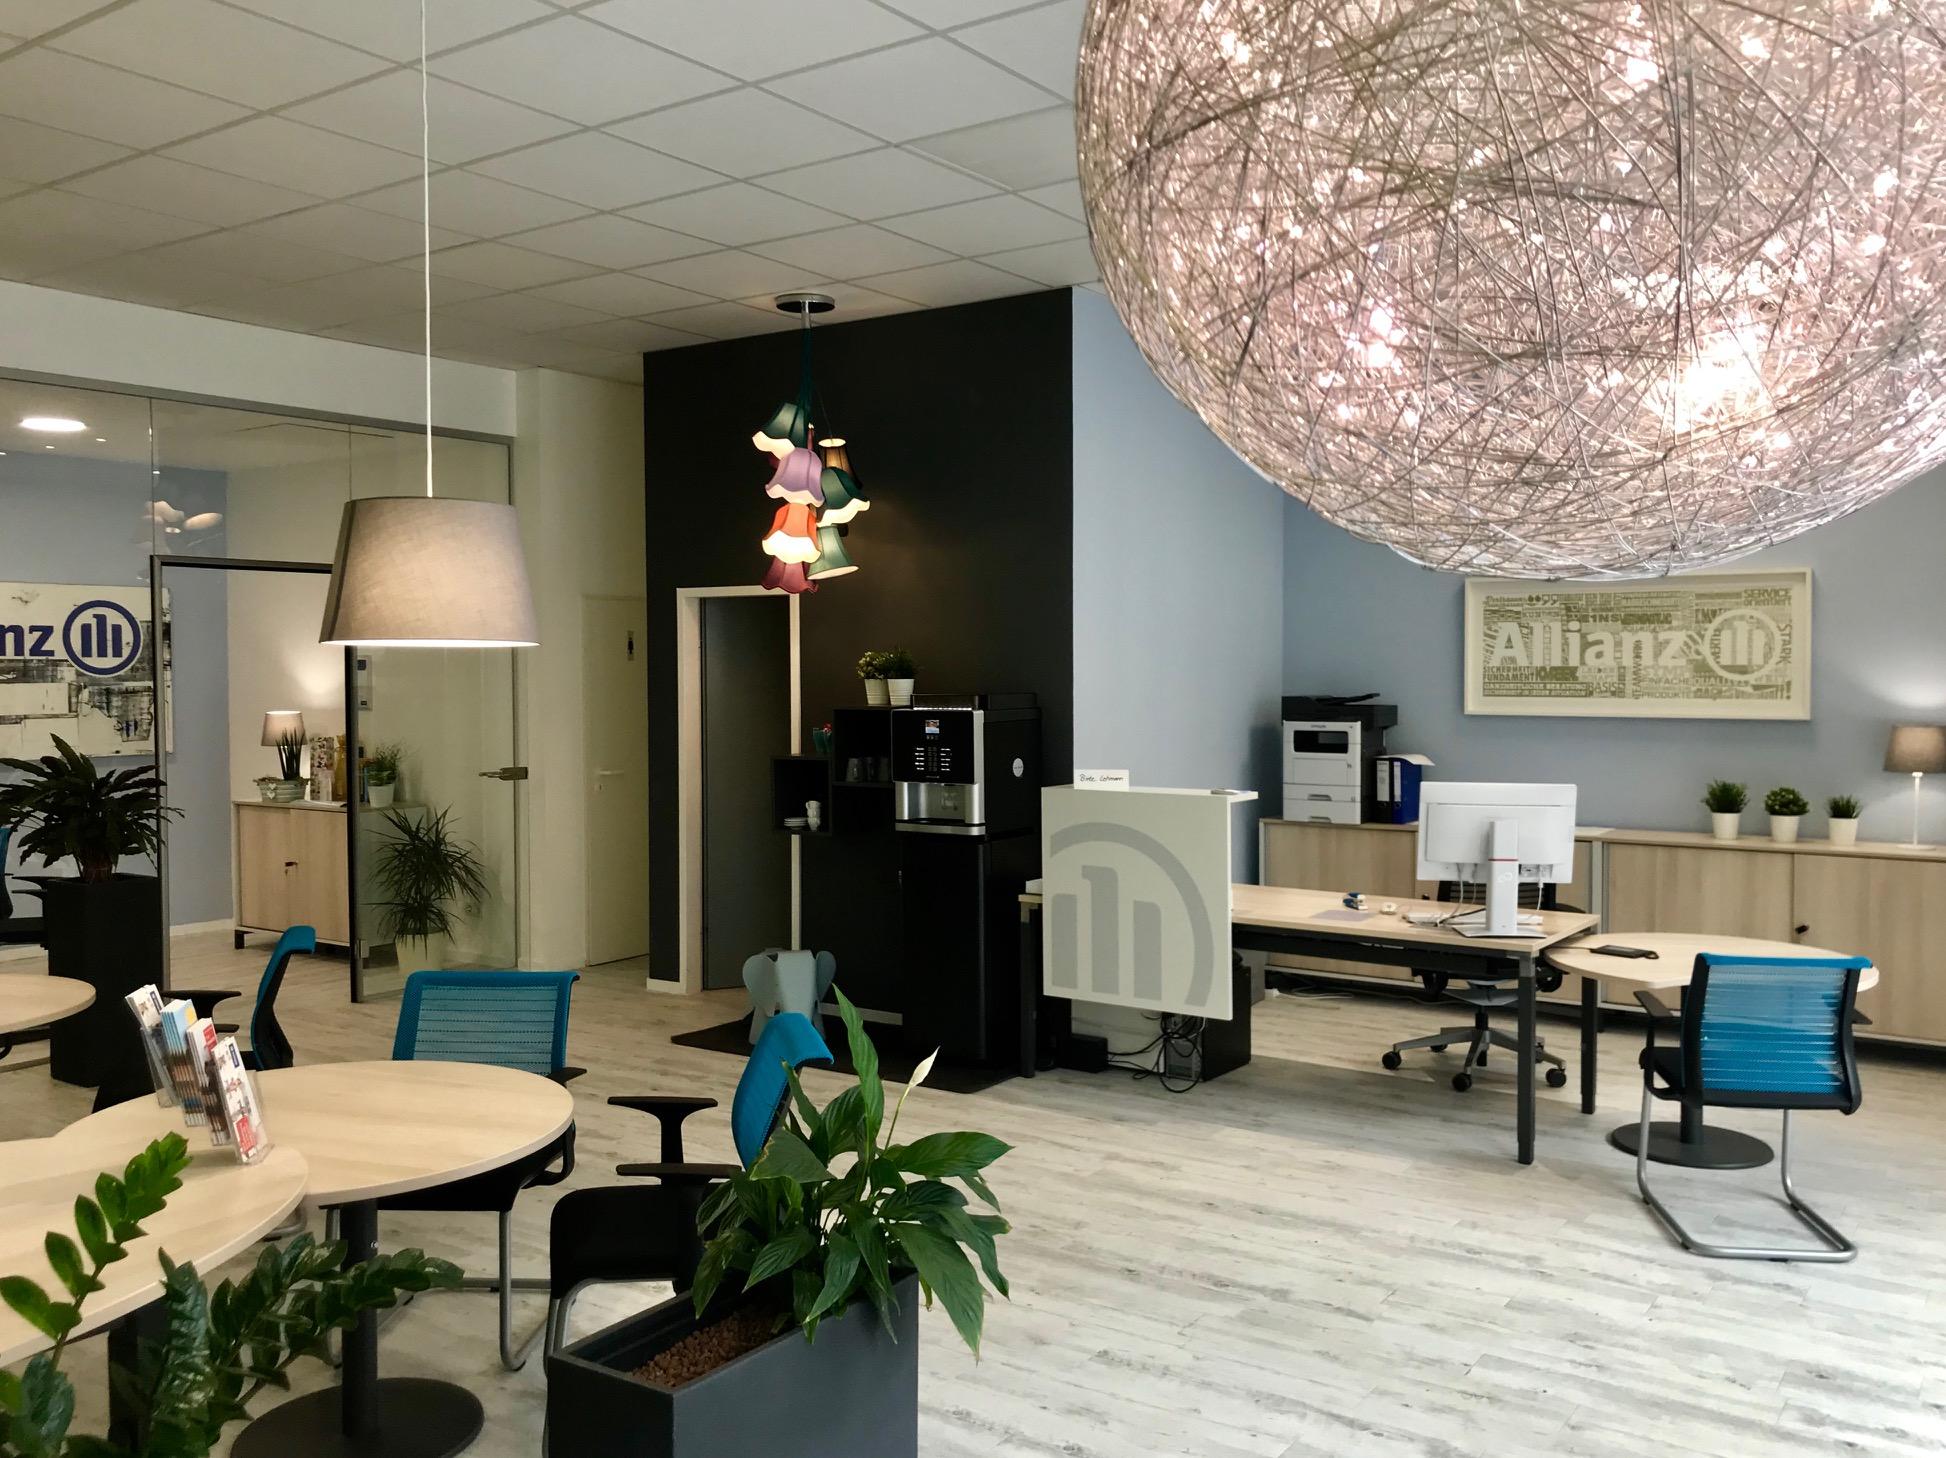 Viel Raum für gute Beratung in der Allianz Versicherung Jens Schmidt